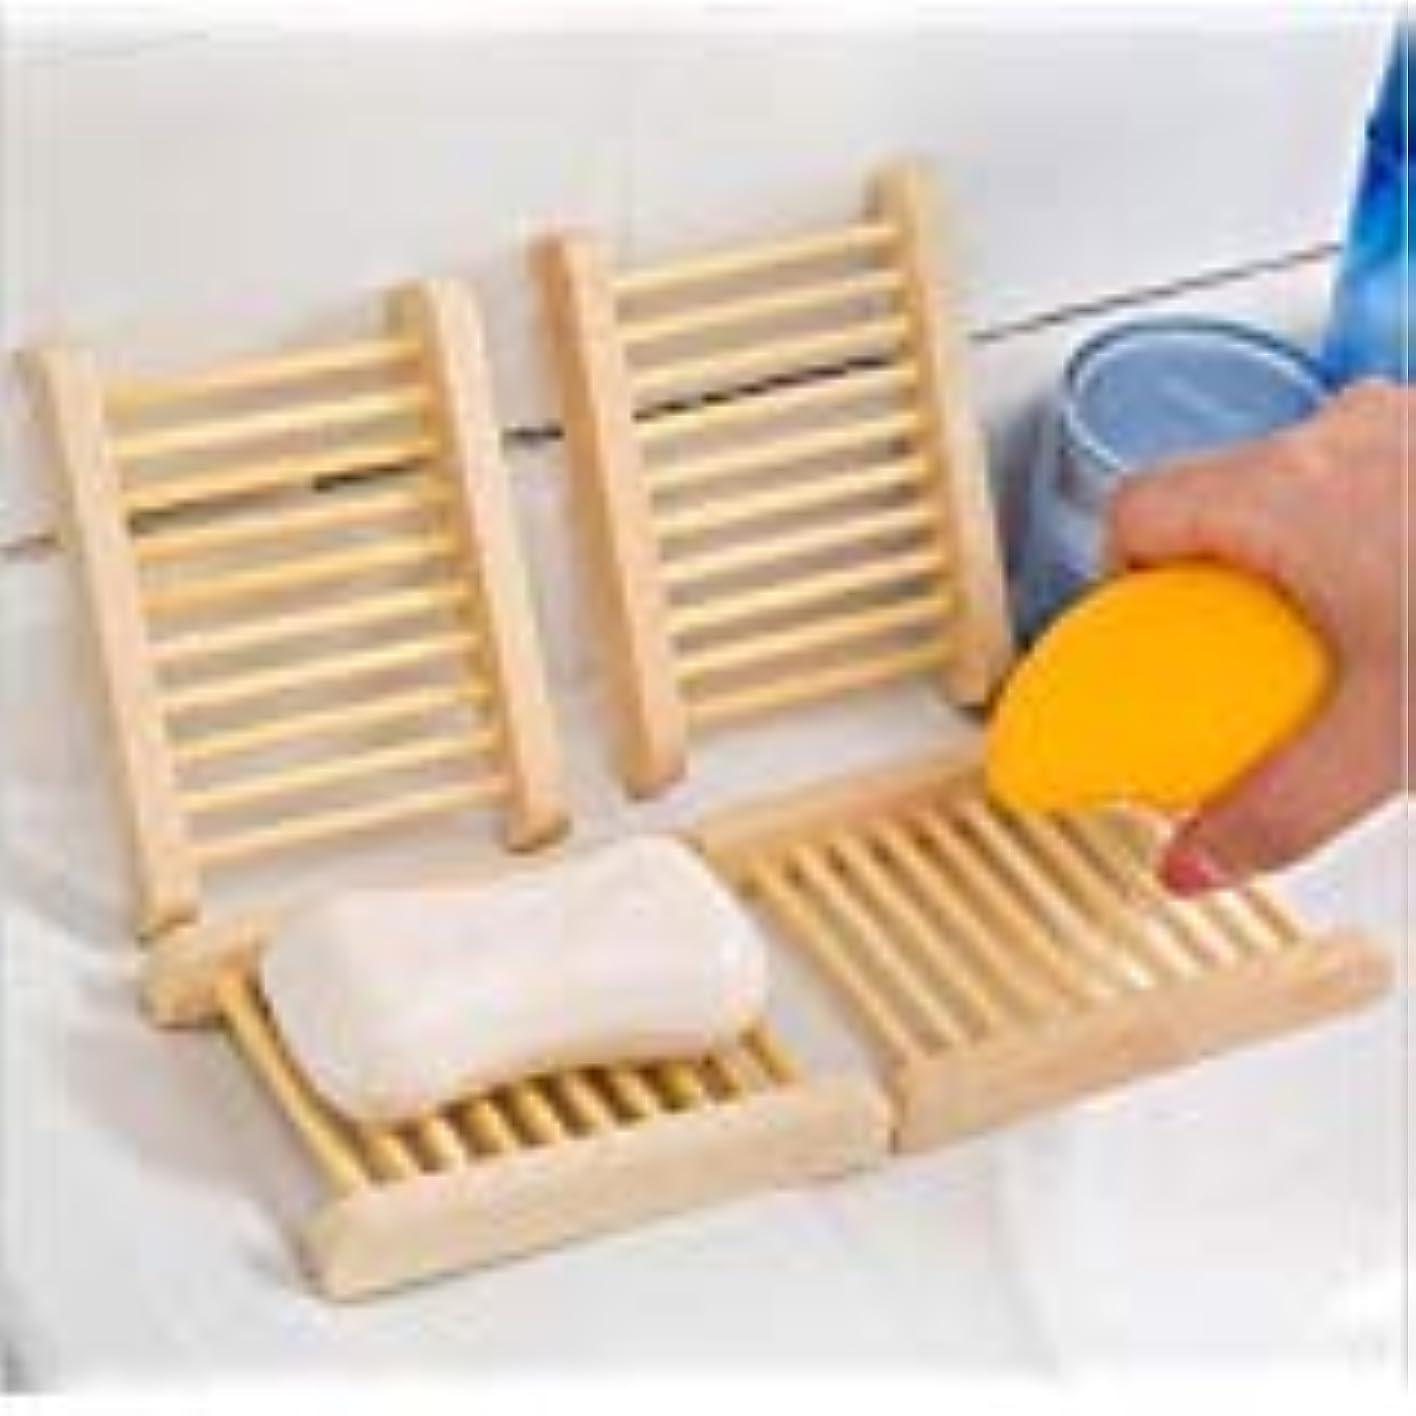 時間とともにアラーム適切にKINGZUO ソープトレー せっけんトレー 石鹸置き石鹸置き 石鹸ボックス ソープディッシュ 水切り お風呂 バス用品 木製 4個入り